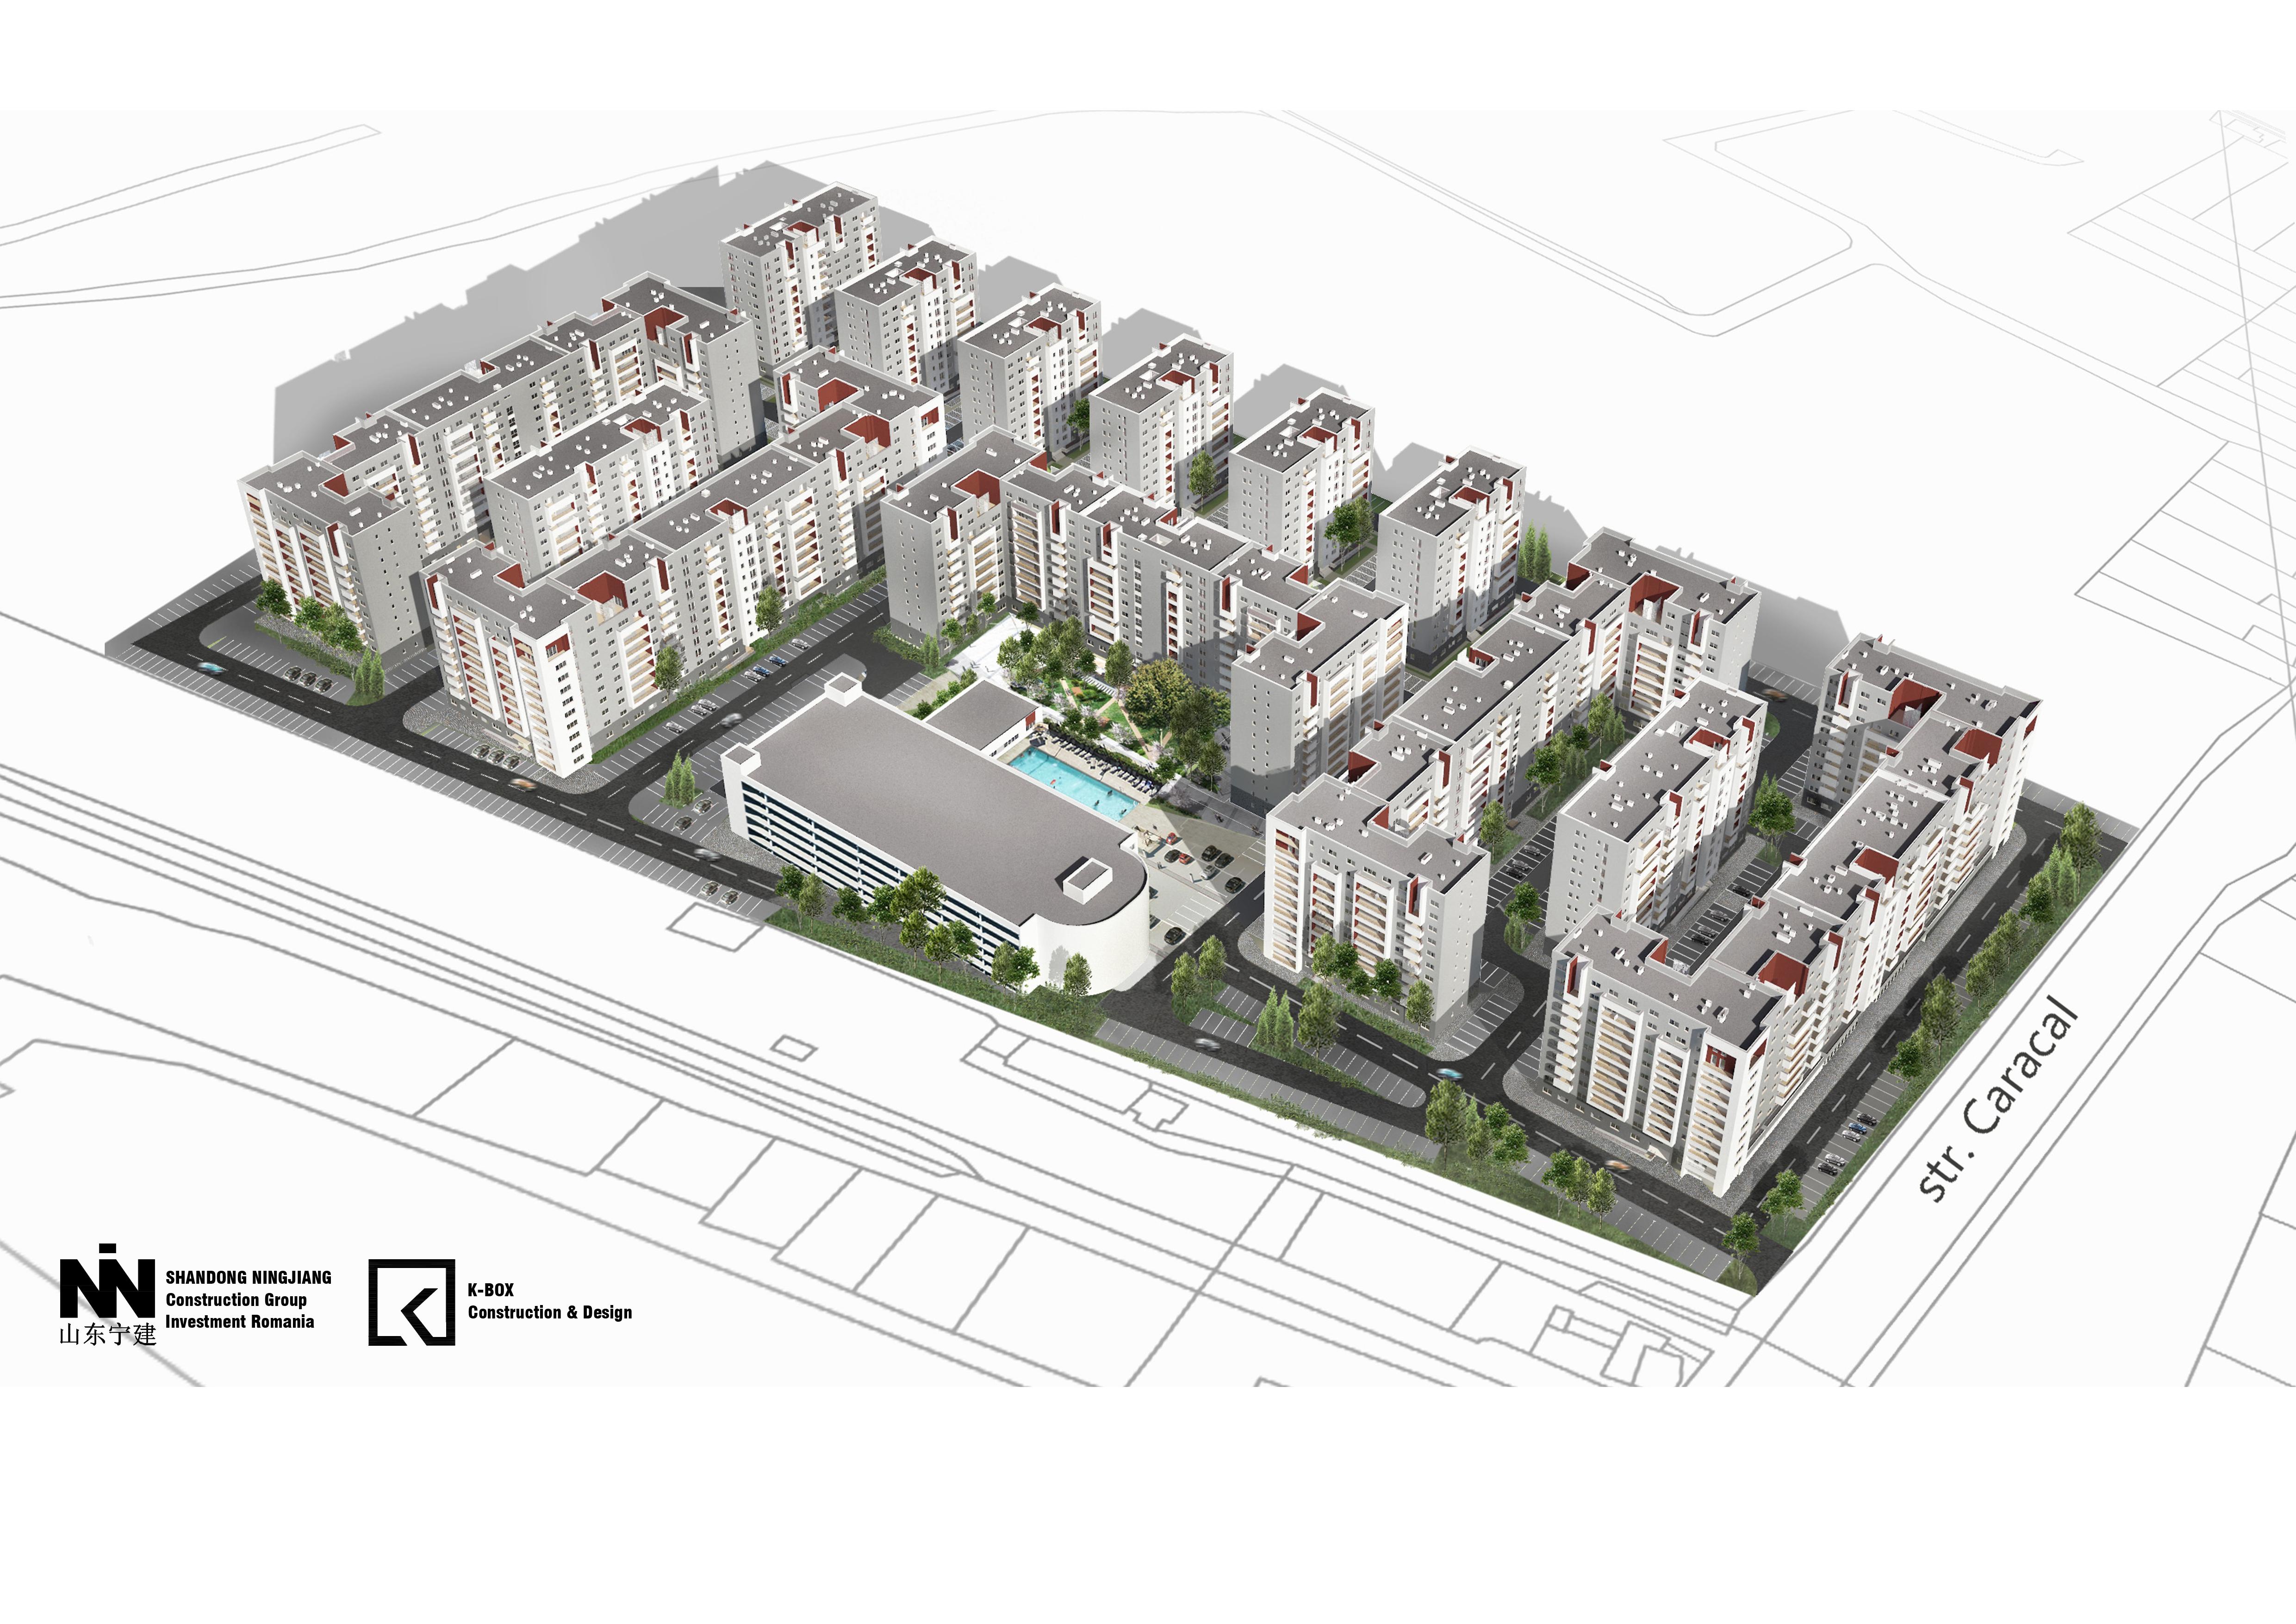 Primarul Municipiului Craiova, Olguța Vasilescu: În două săptămâni va începe construcția cartierului de locuințe